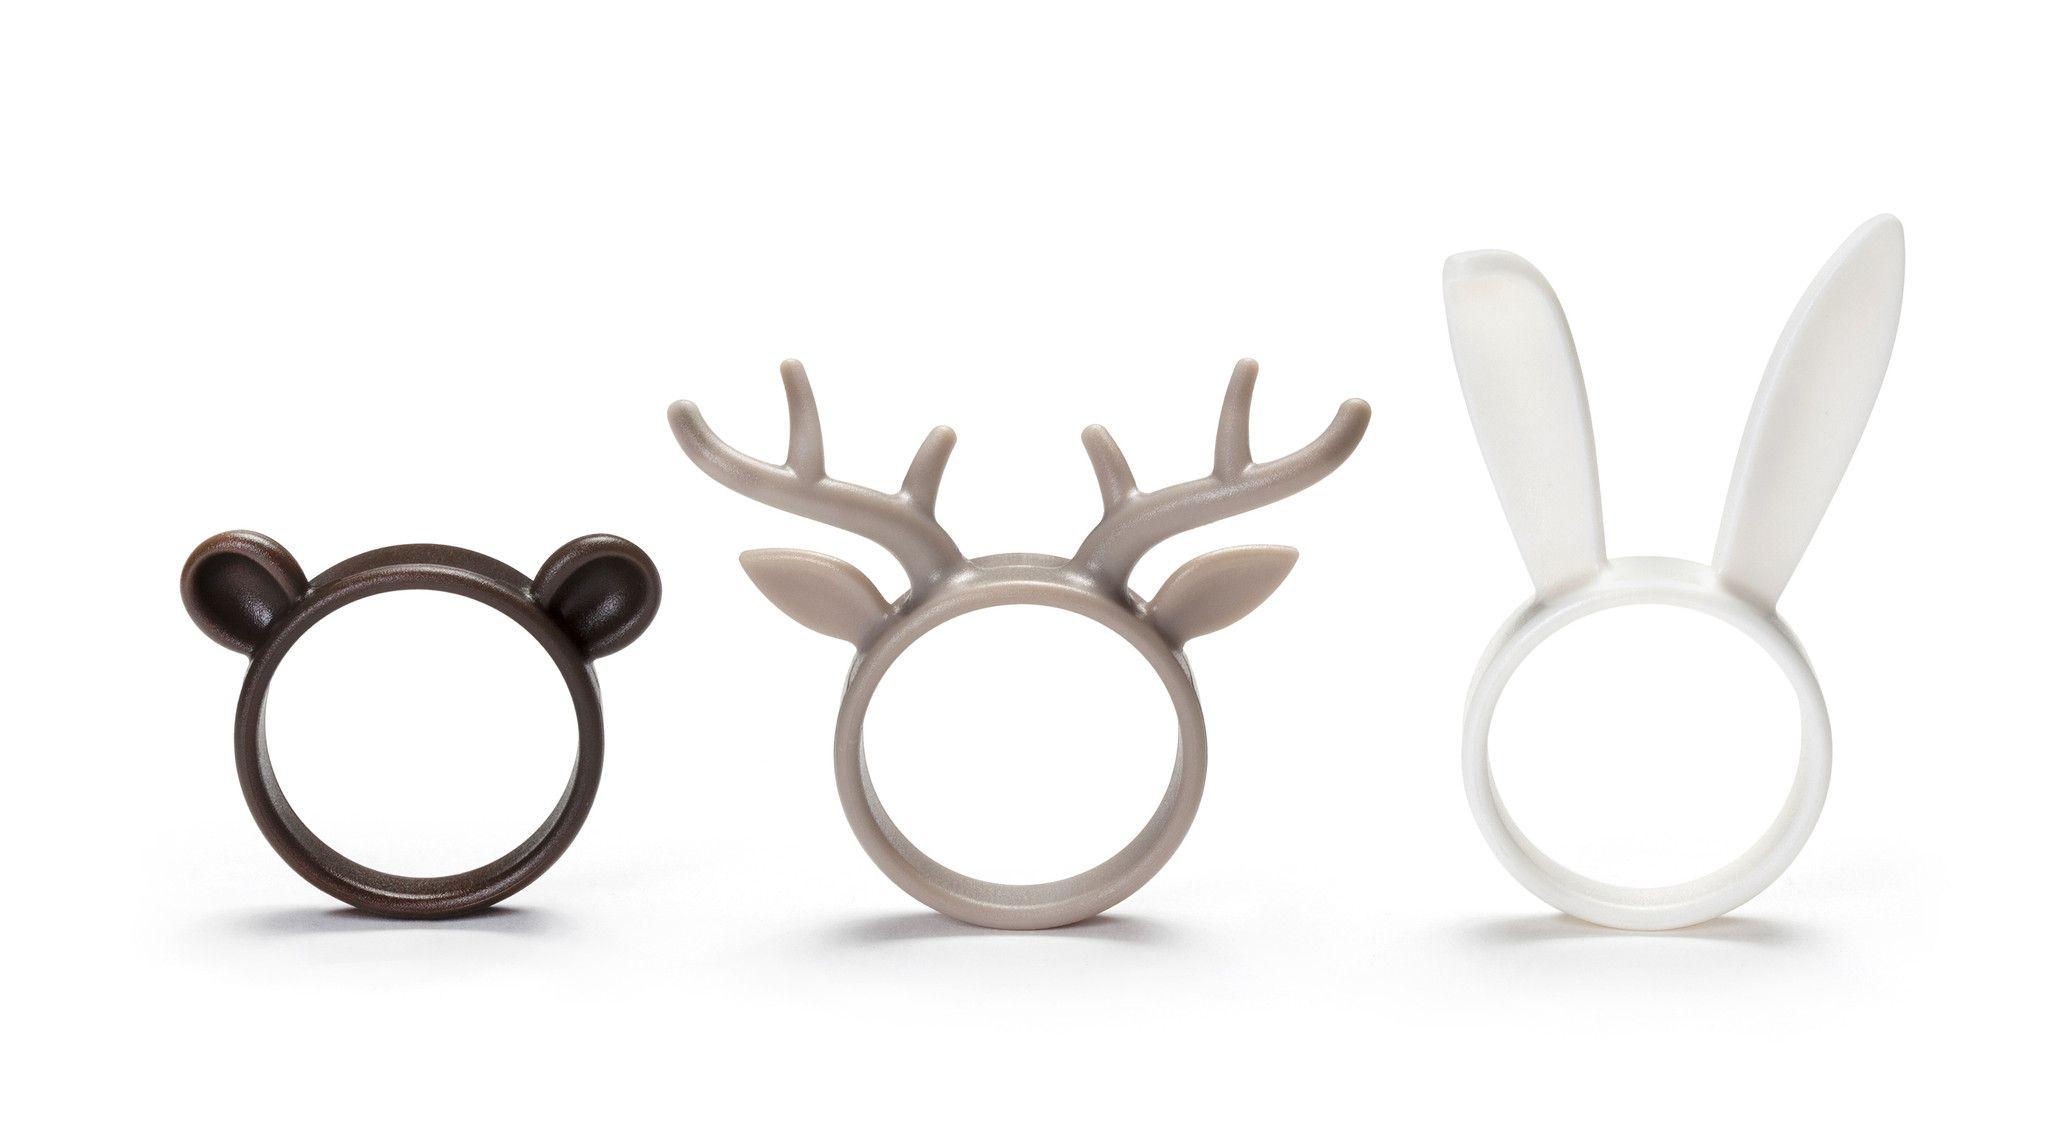 Ototo Napkin ZOO / Napkin Rings – BellaKoola - Cool Design Gift & Lifestyle Shop